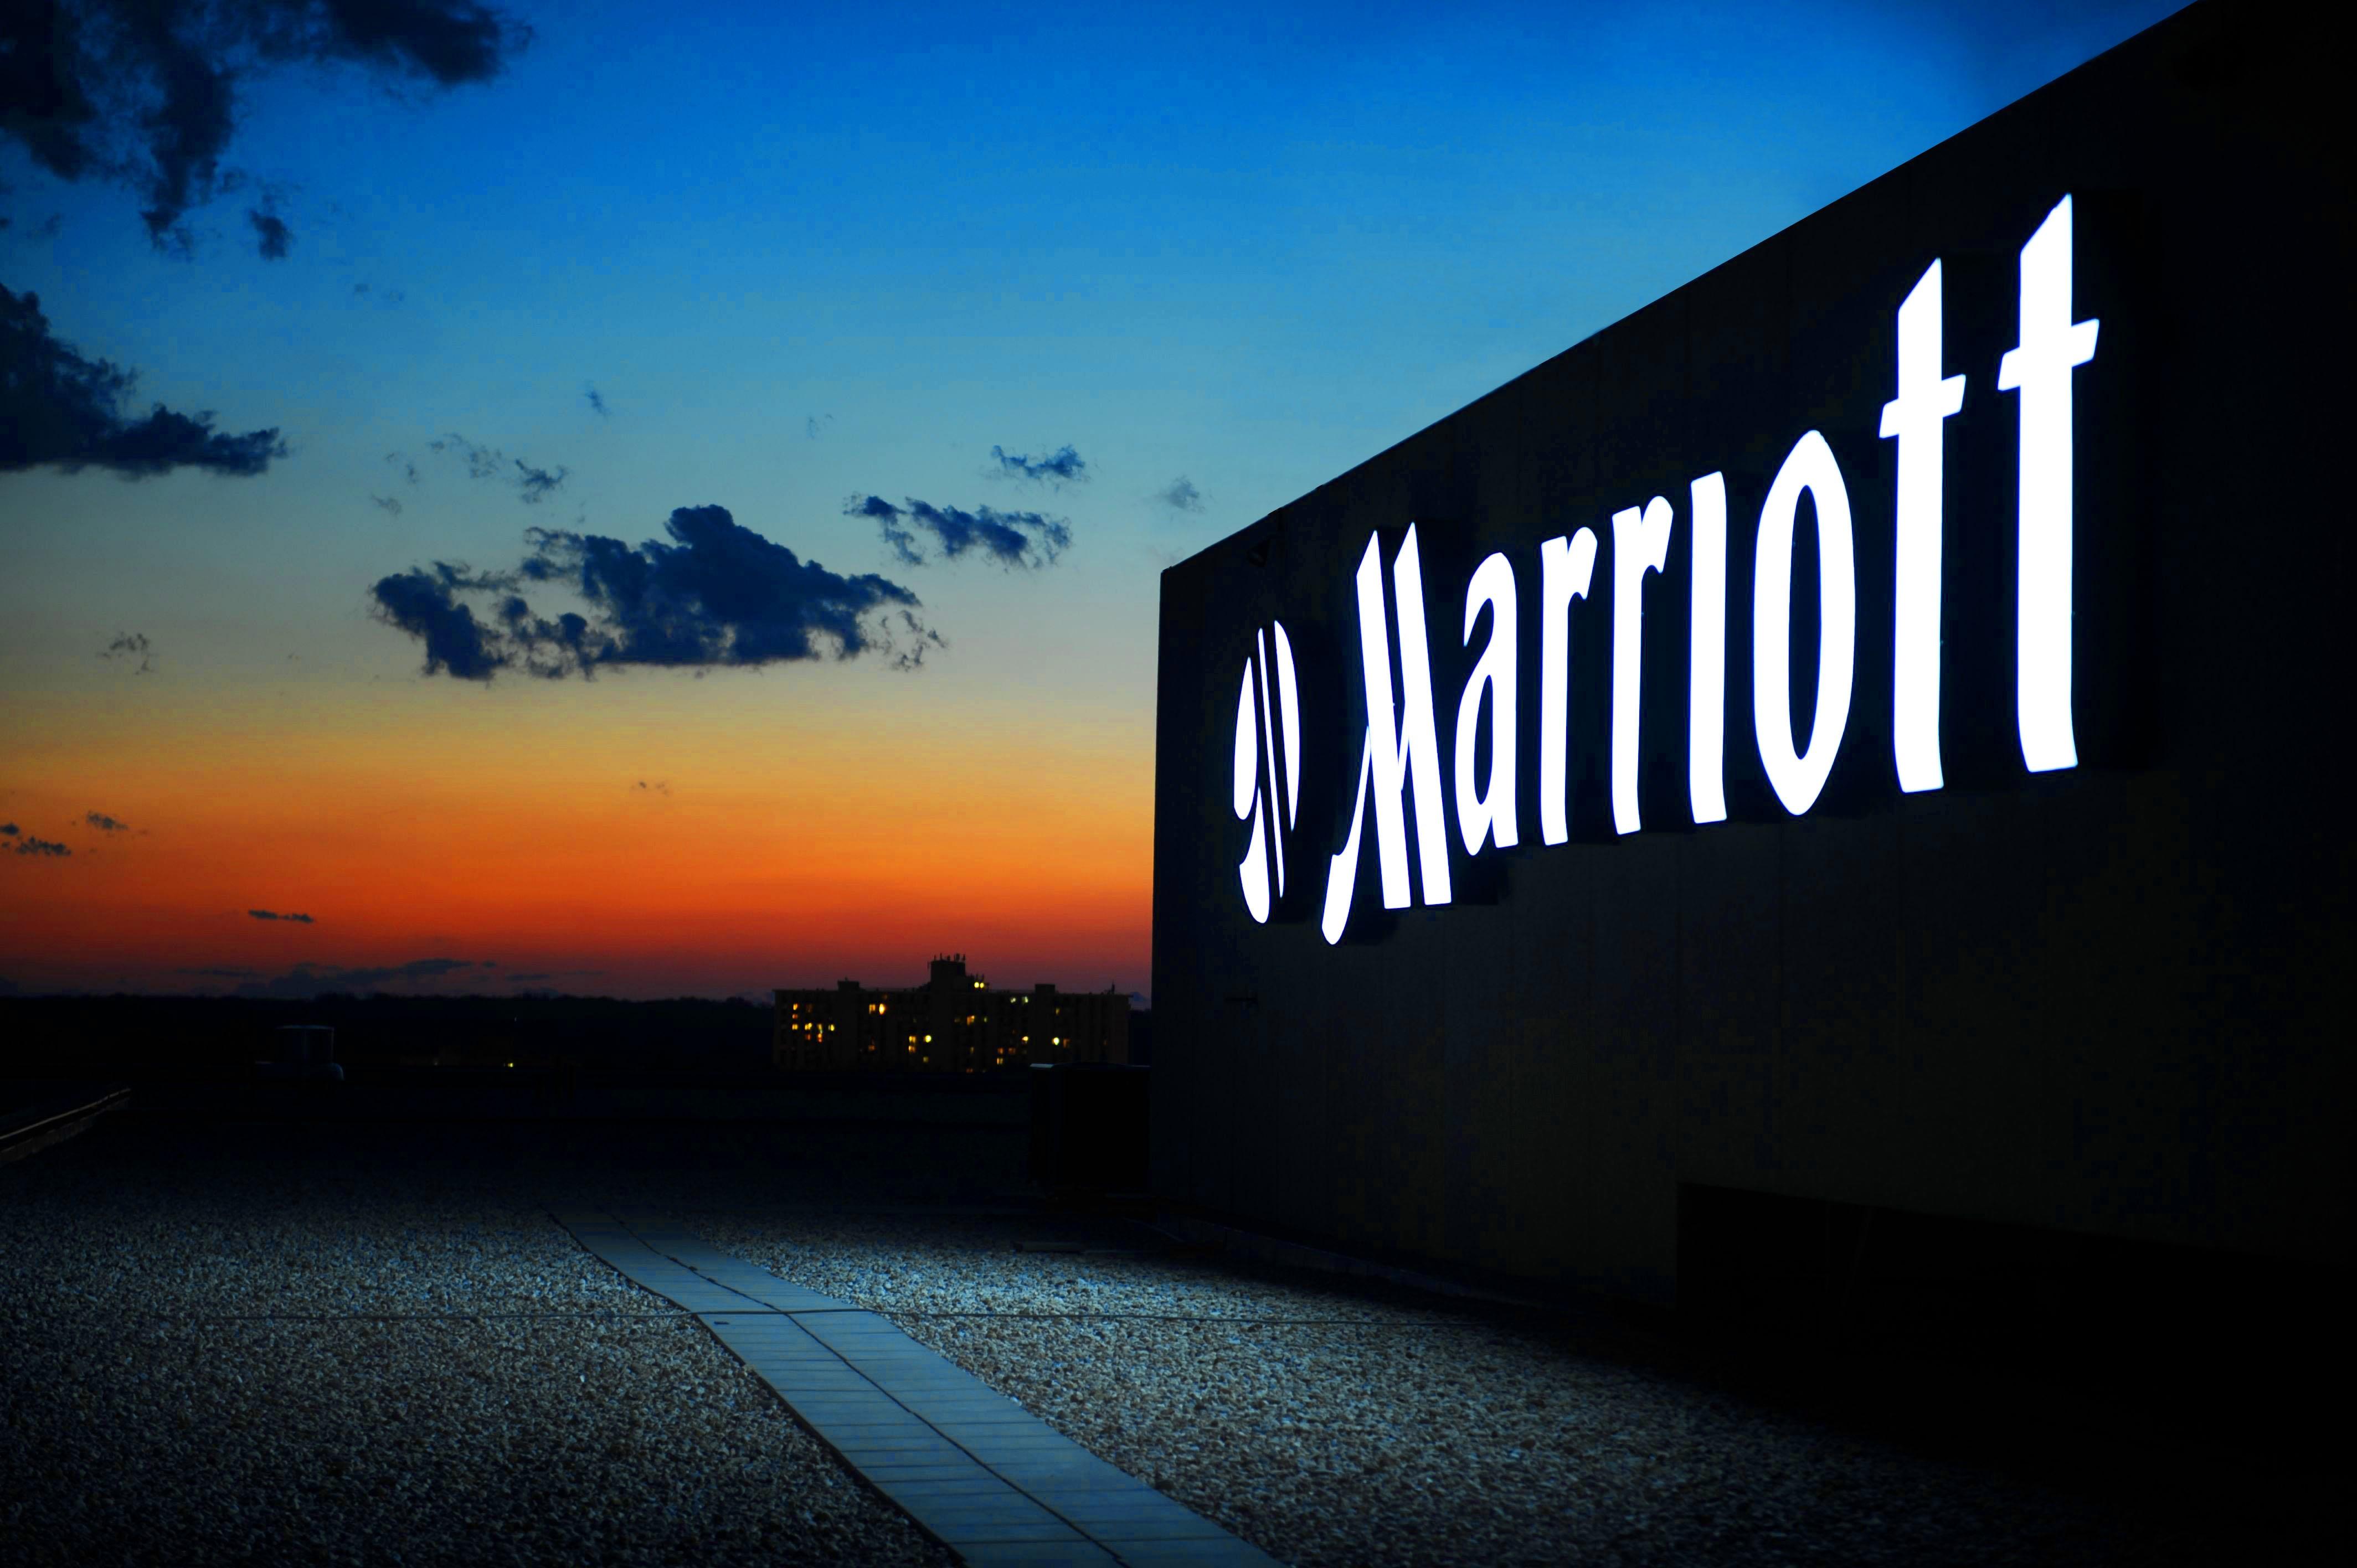 La vulnerabilidad de Marriott que pone a 500 millones de víctimas en riesgo